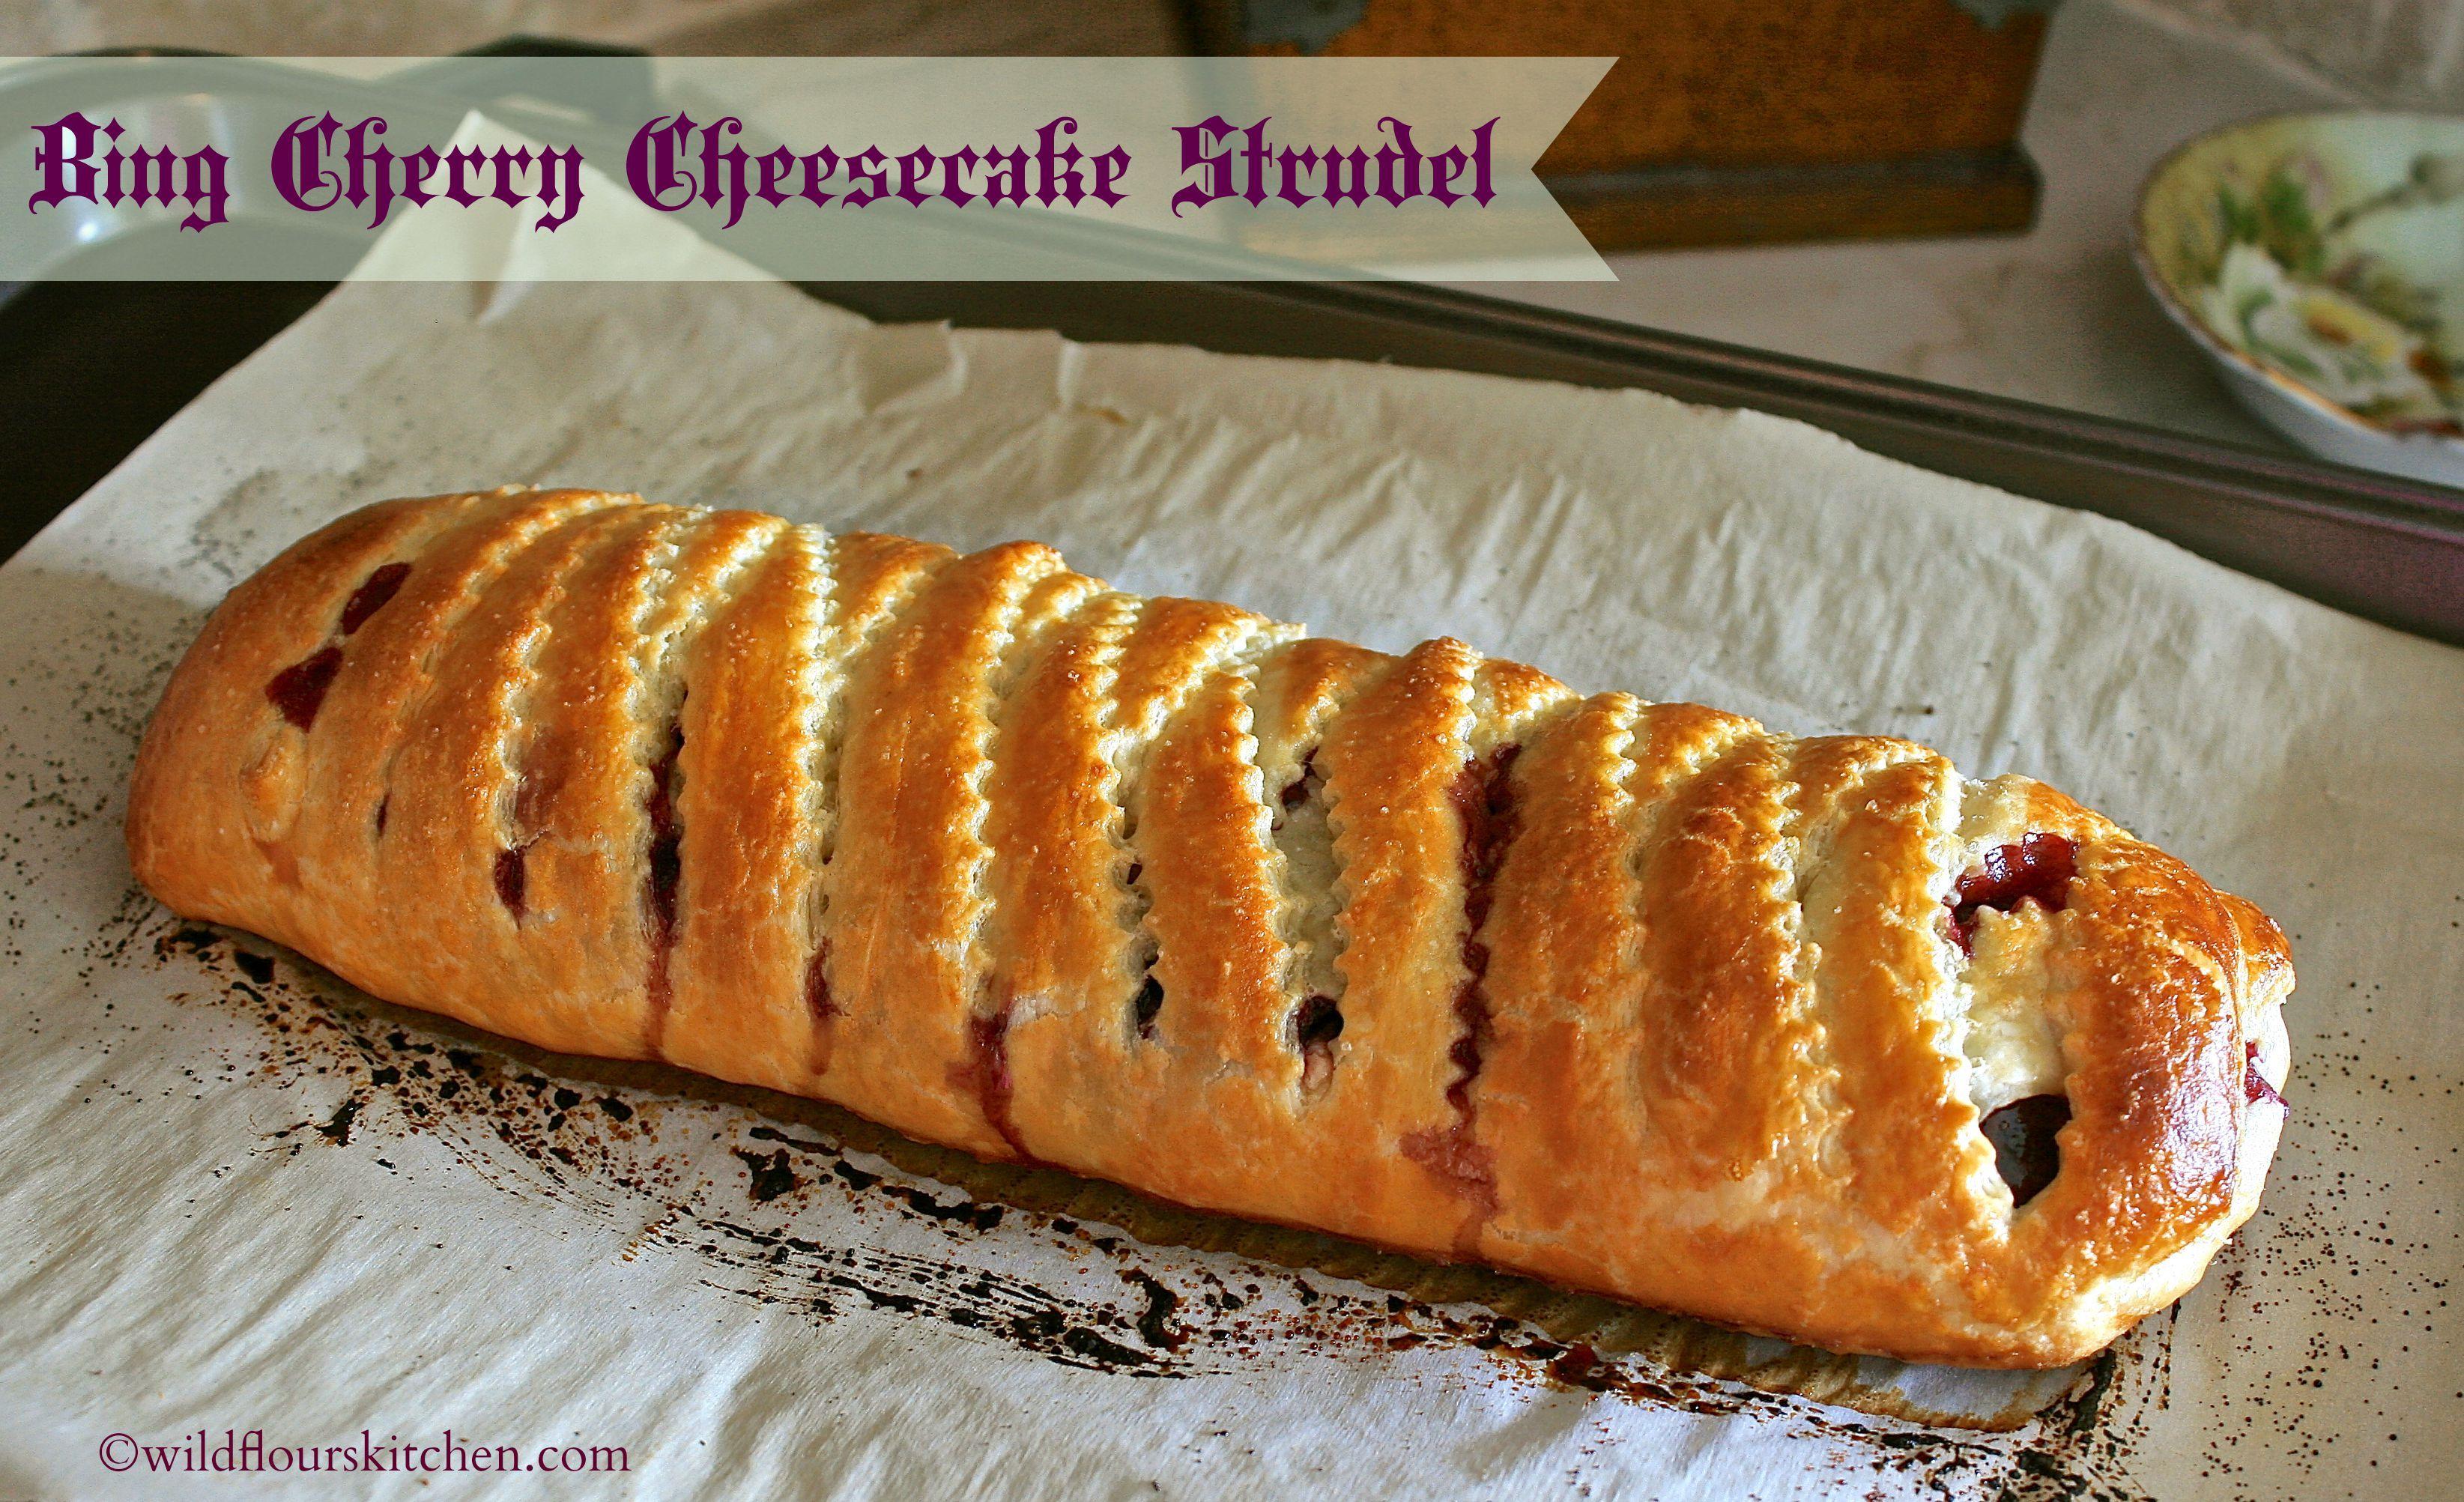 bing cherry cheesecake strudel